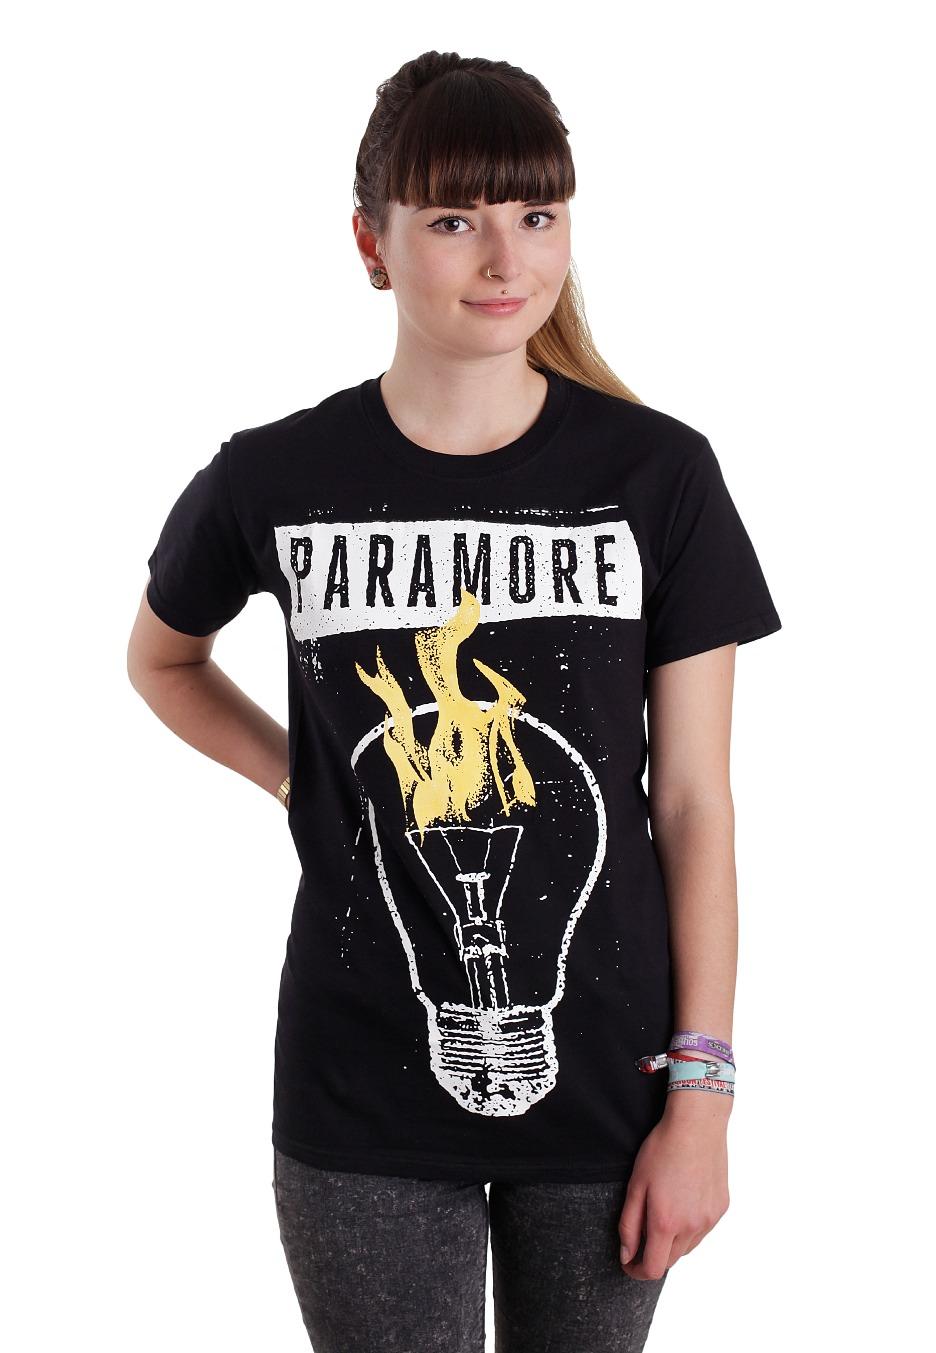 Paramore - Fire Bulb - T-Shirt - Official Rock Merchandise ... Paramore Mersch Nederland